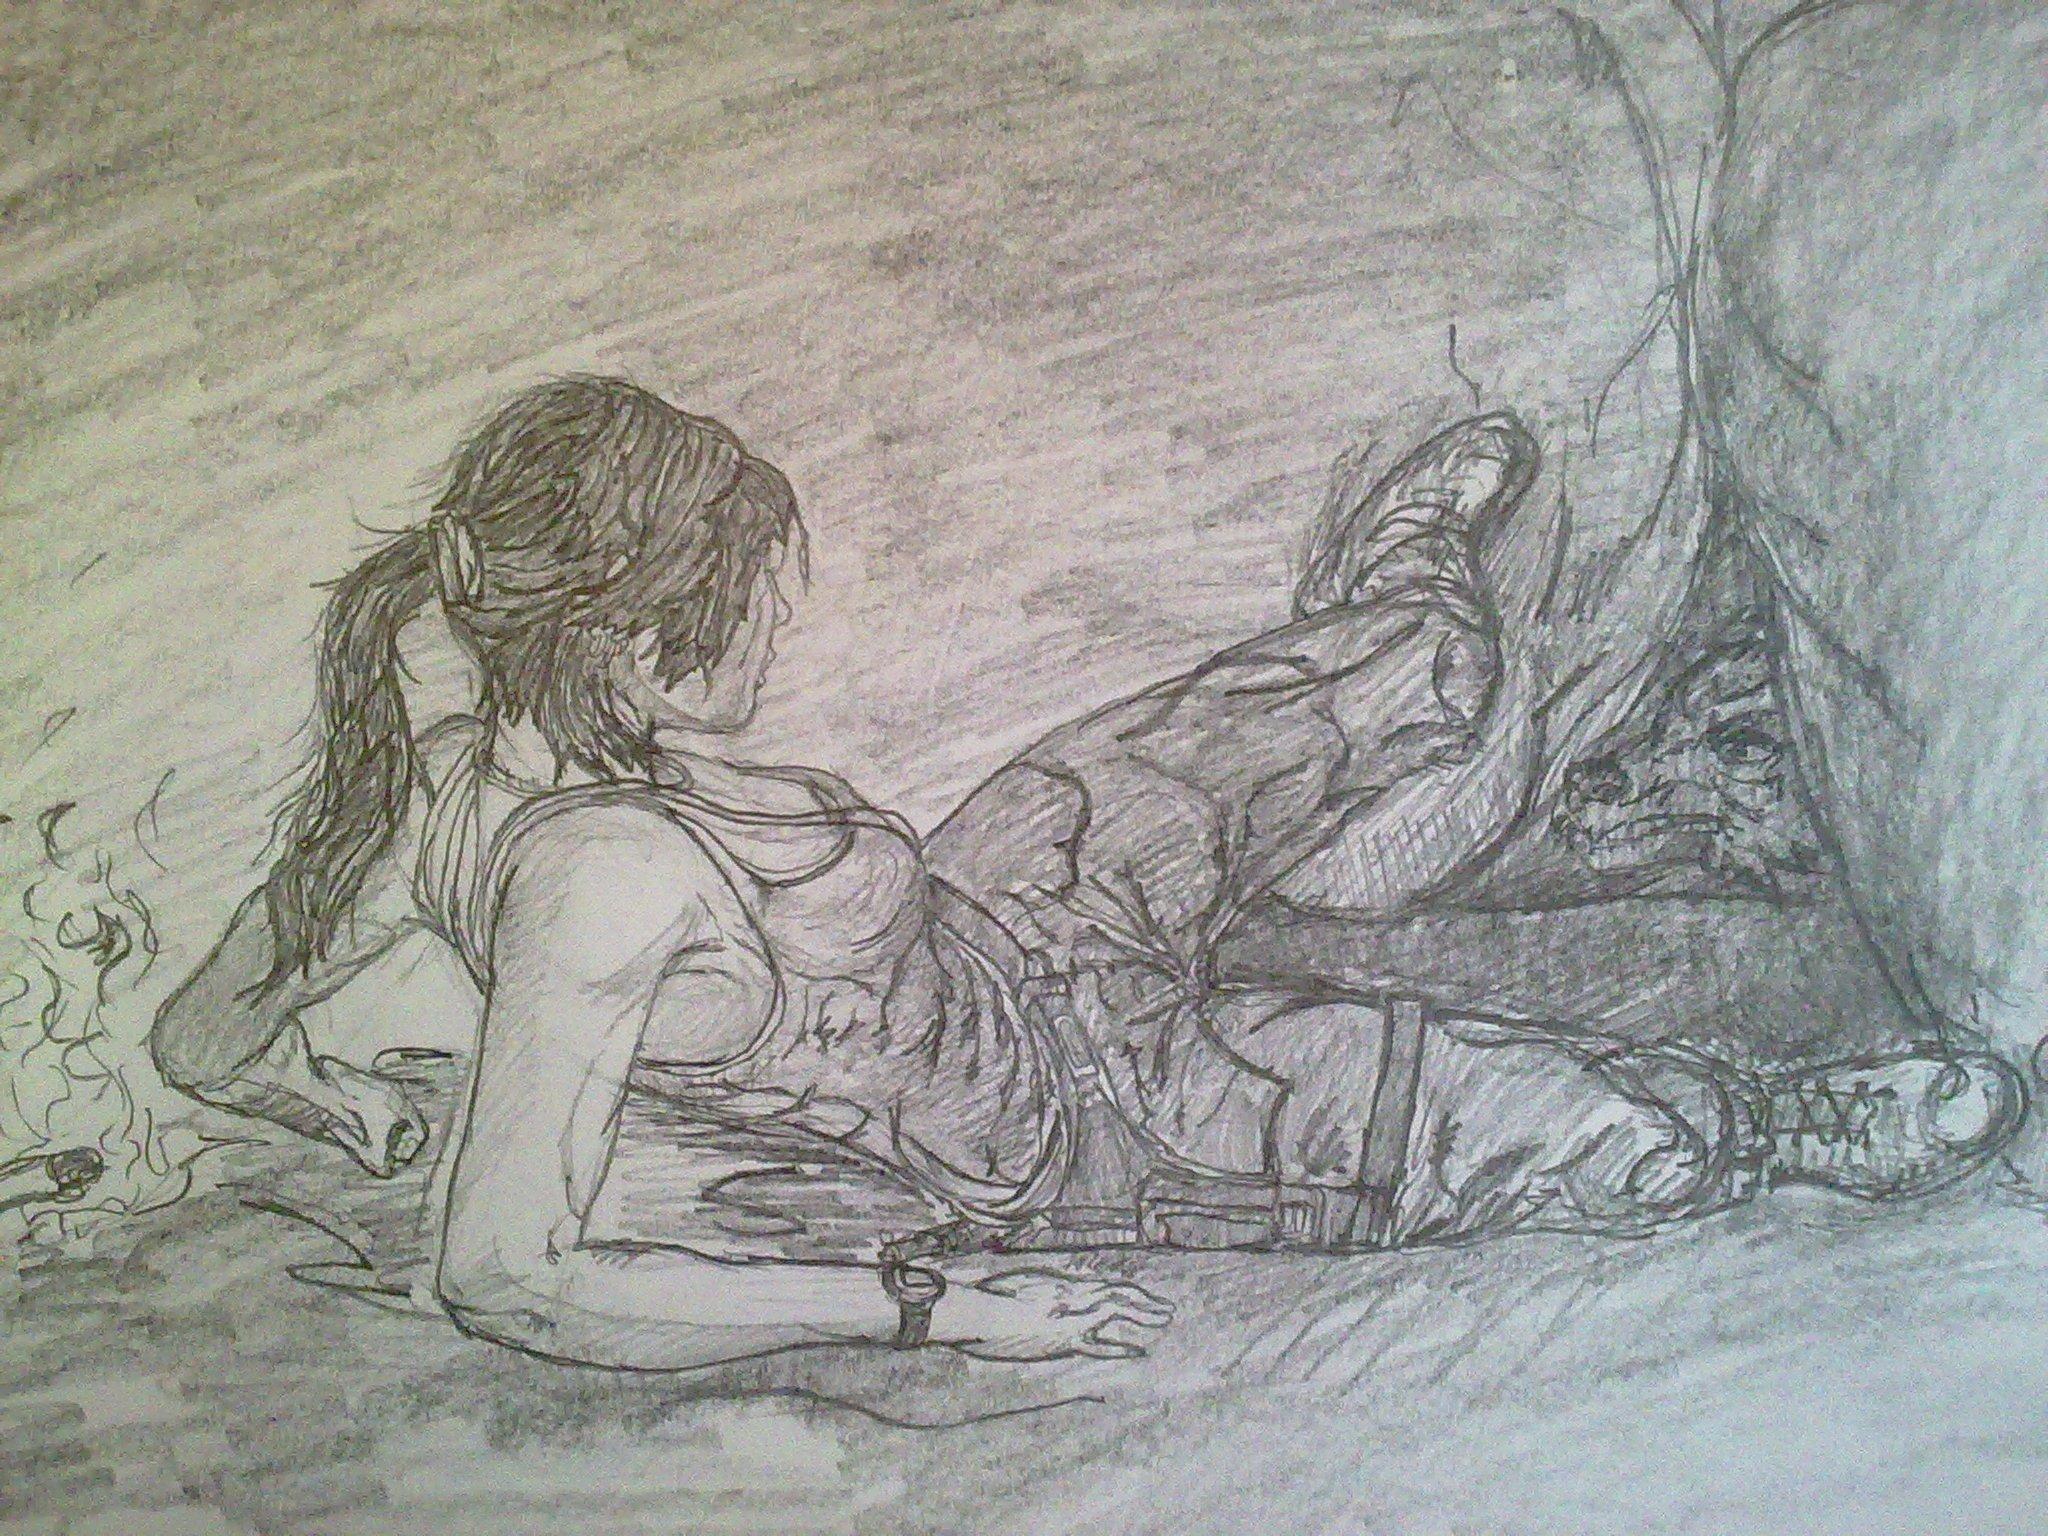 Tomb Raider. Так как в прошлые  части этой серии я не играл, эта игра произвела на меня достаточно хорошие впечатлен ... - Изображение 1